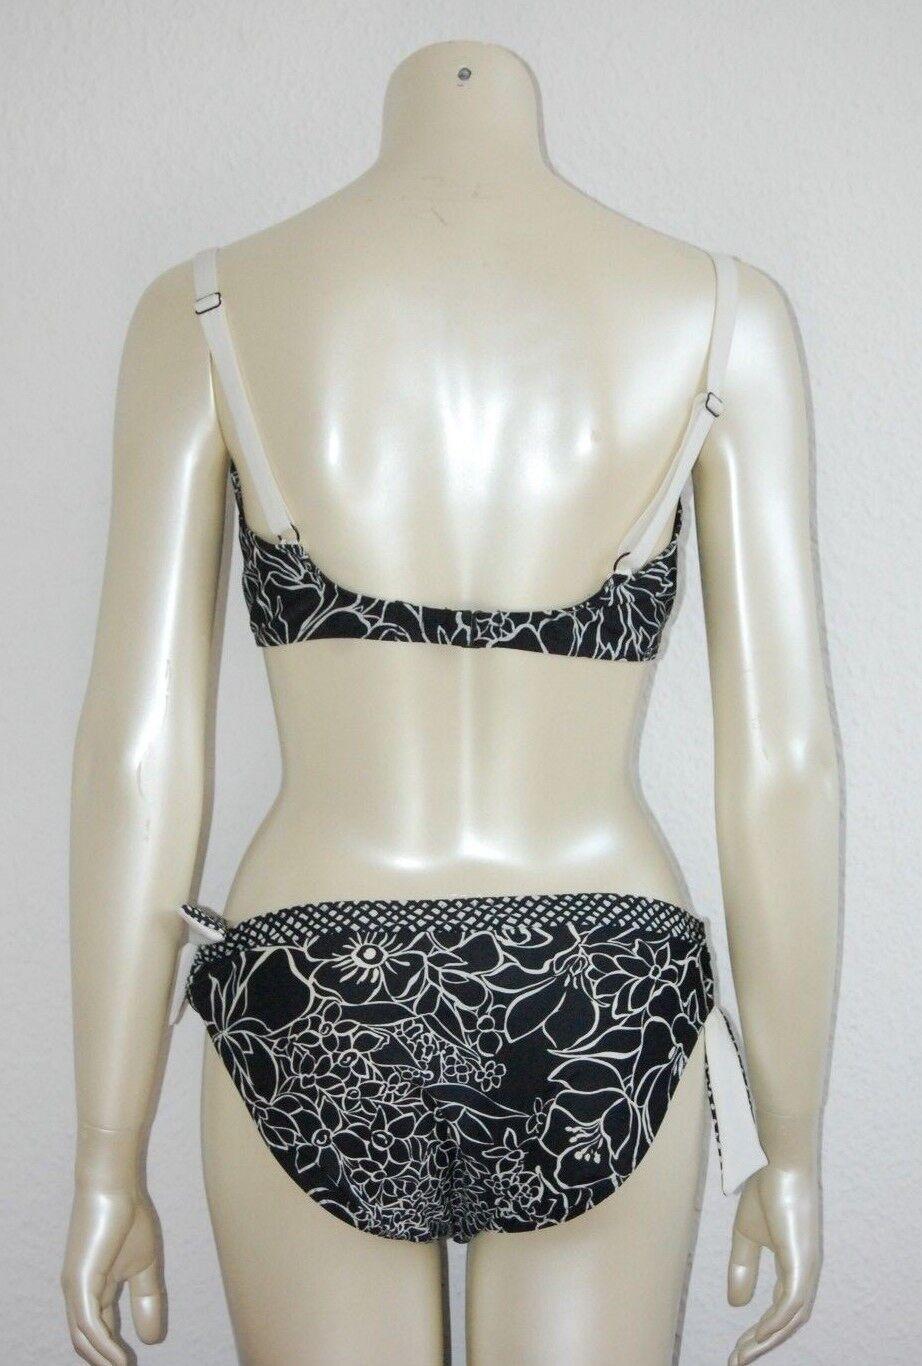 CYELL CYELL CYELL  Da Donna STAFFA Bikini Set tg. 42 F  UVP    ff33ab